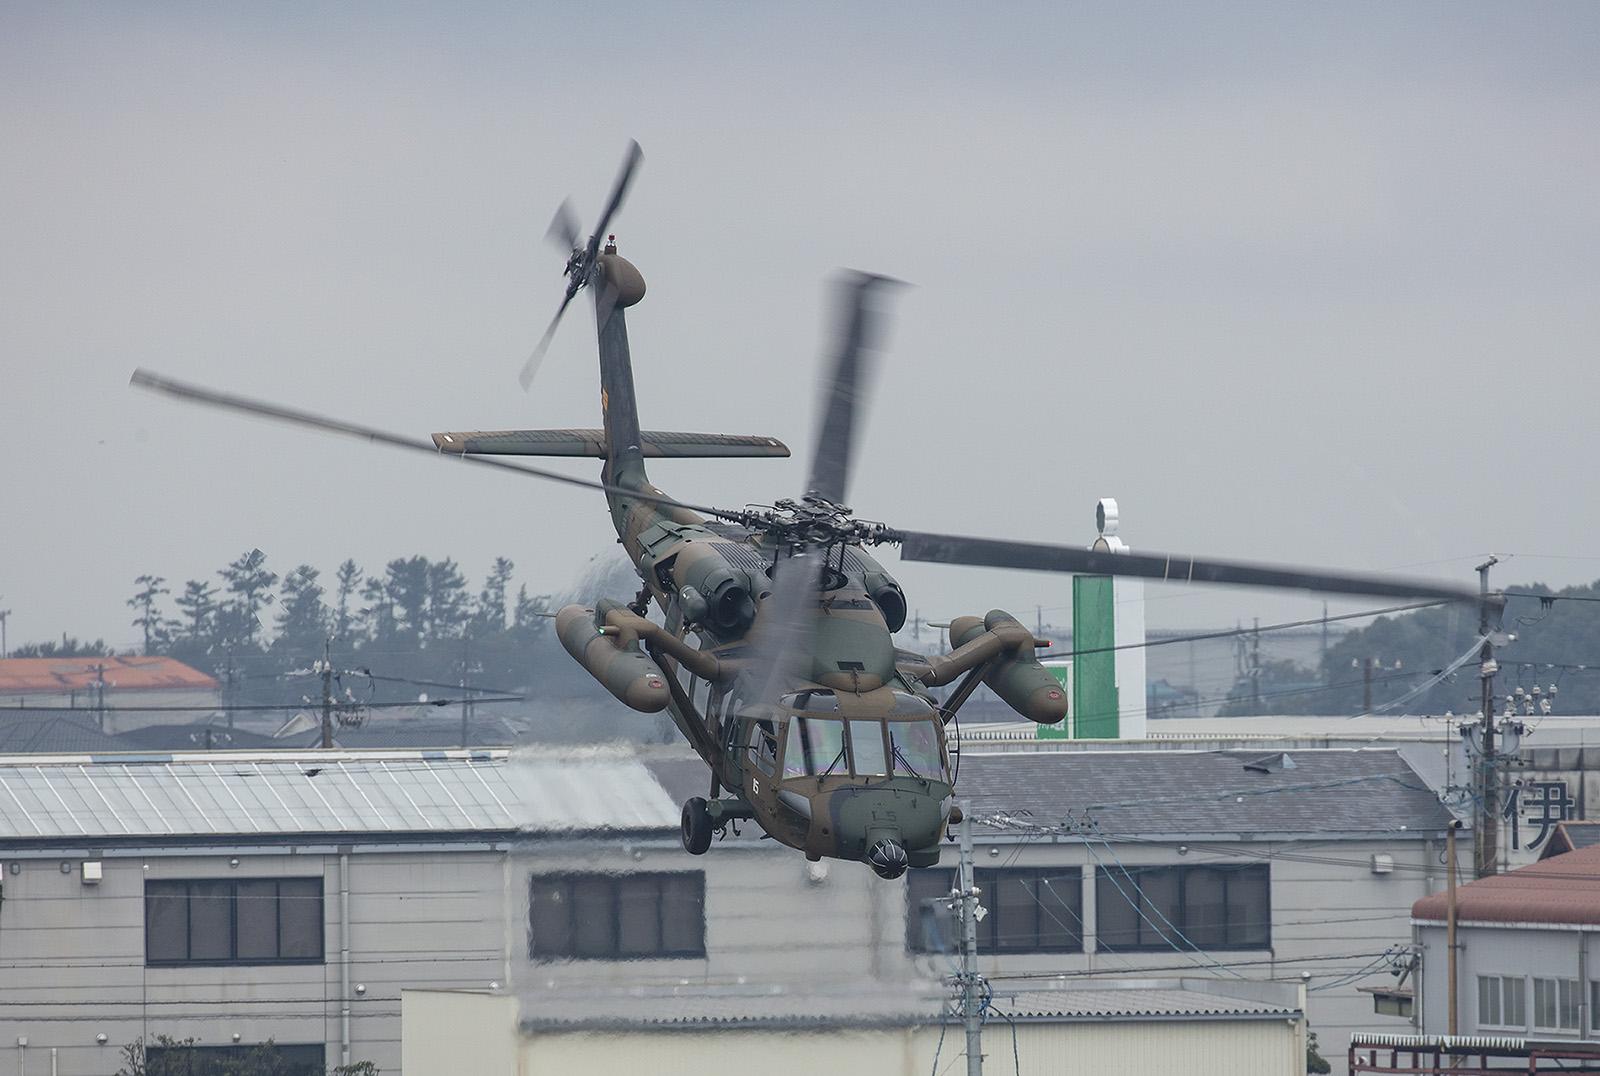 Der Blackhawk ist der ideale Hubschrauber für diese Aufgabe und beweist das immer wieder bei Unglücken und Großschadensereignissen.